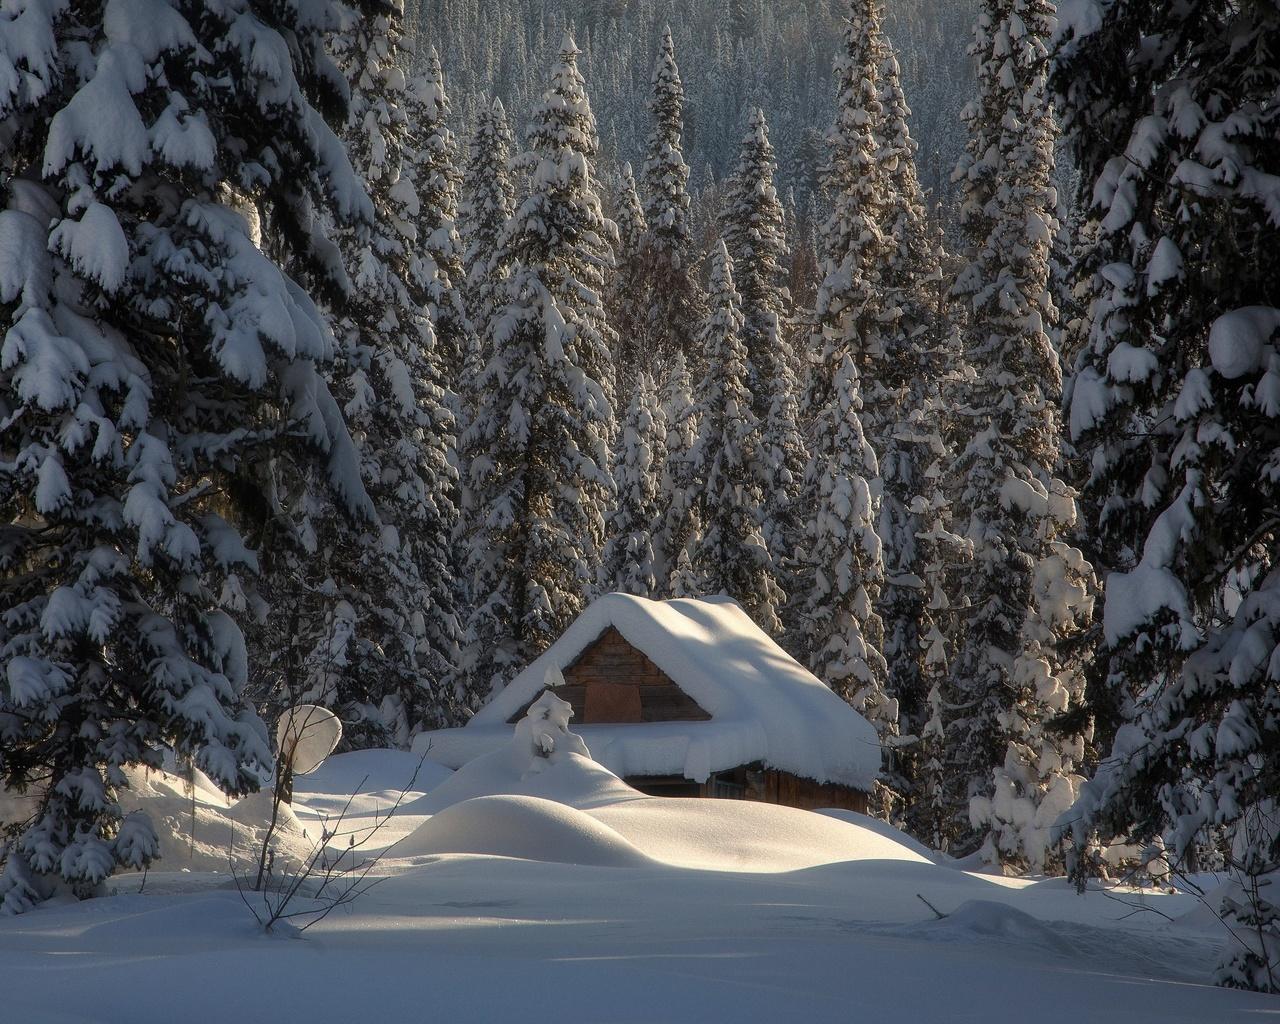 природа, деревья, лес, дом, ели, зима, хижина, снег, сугробы